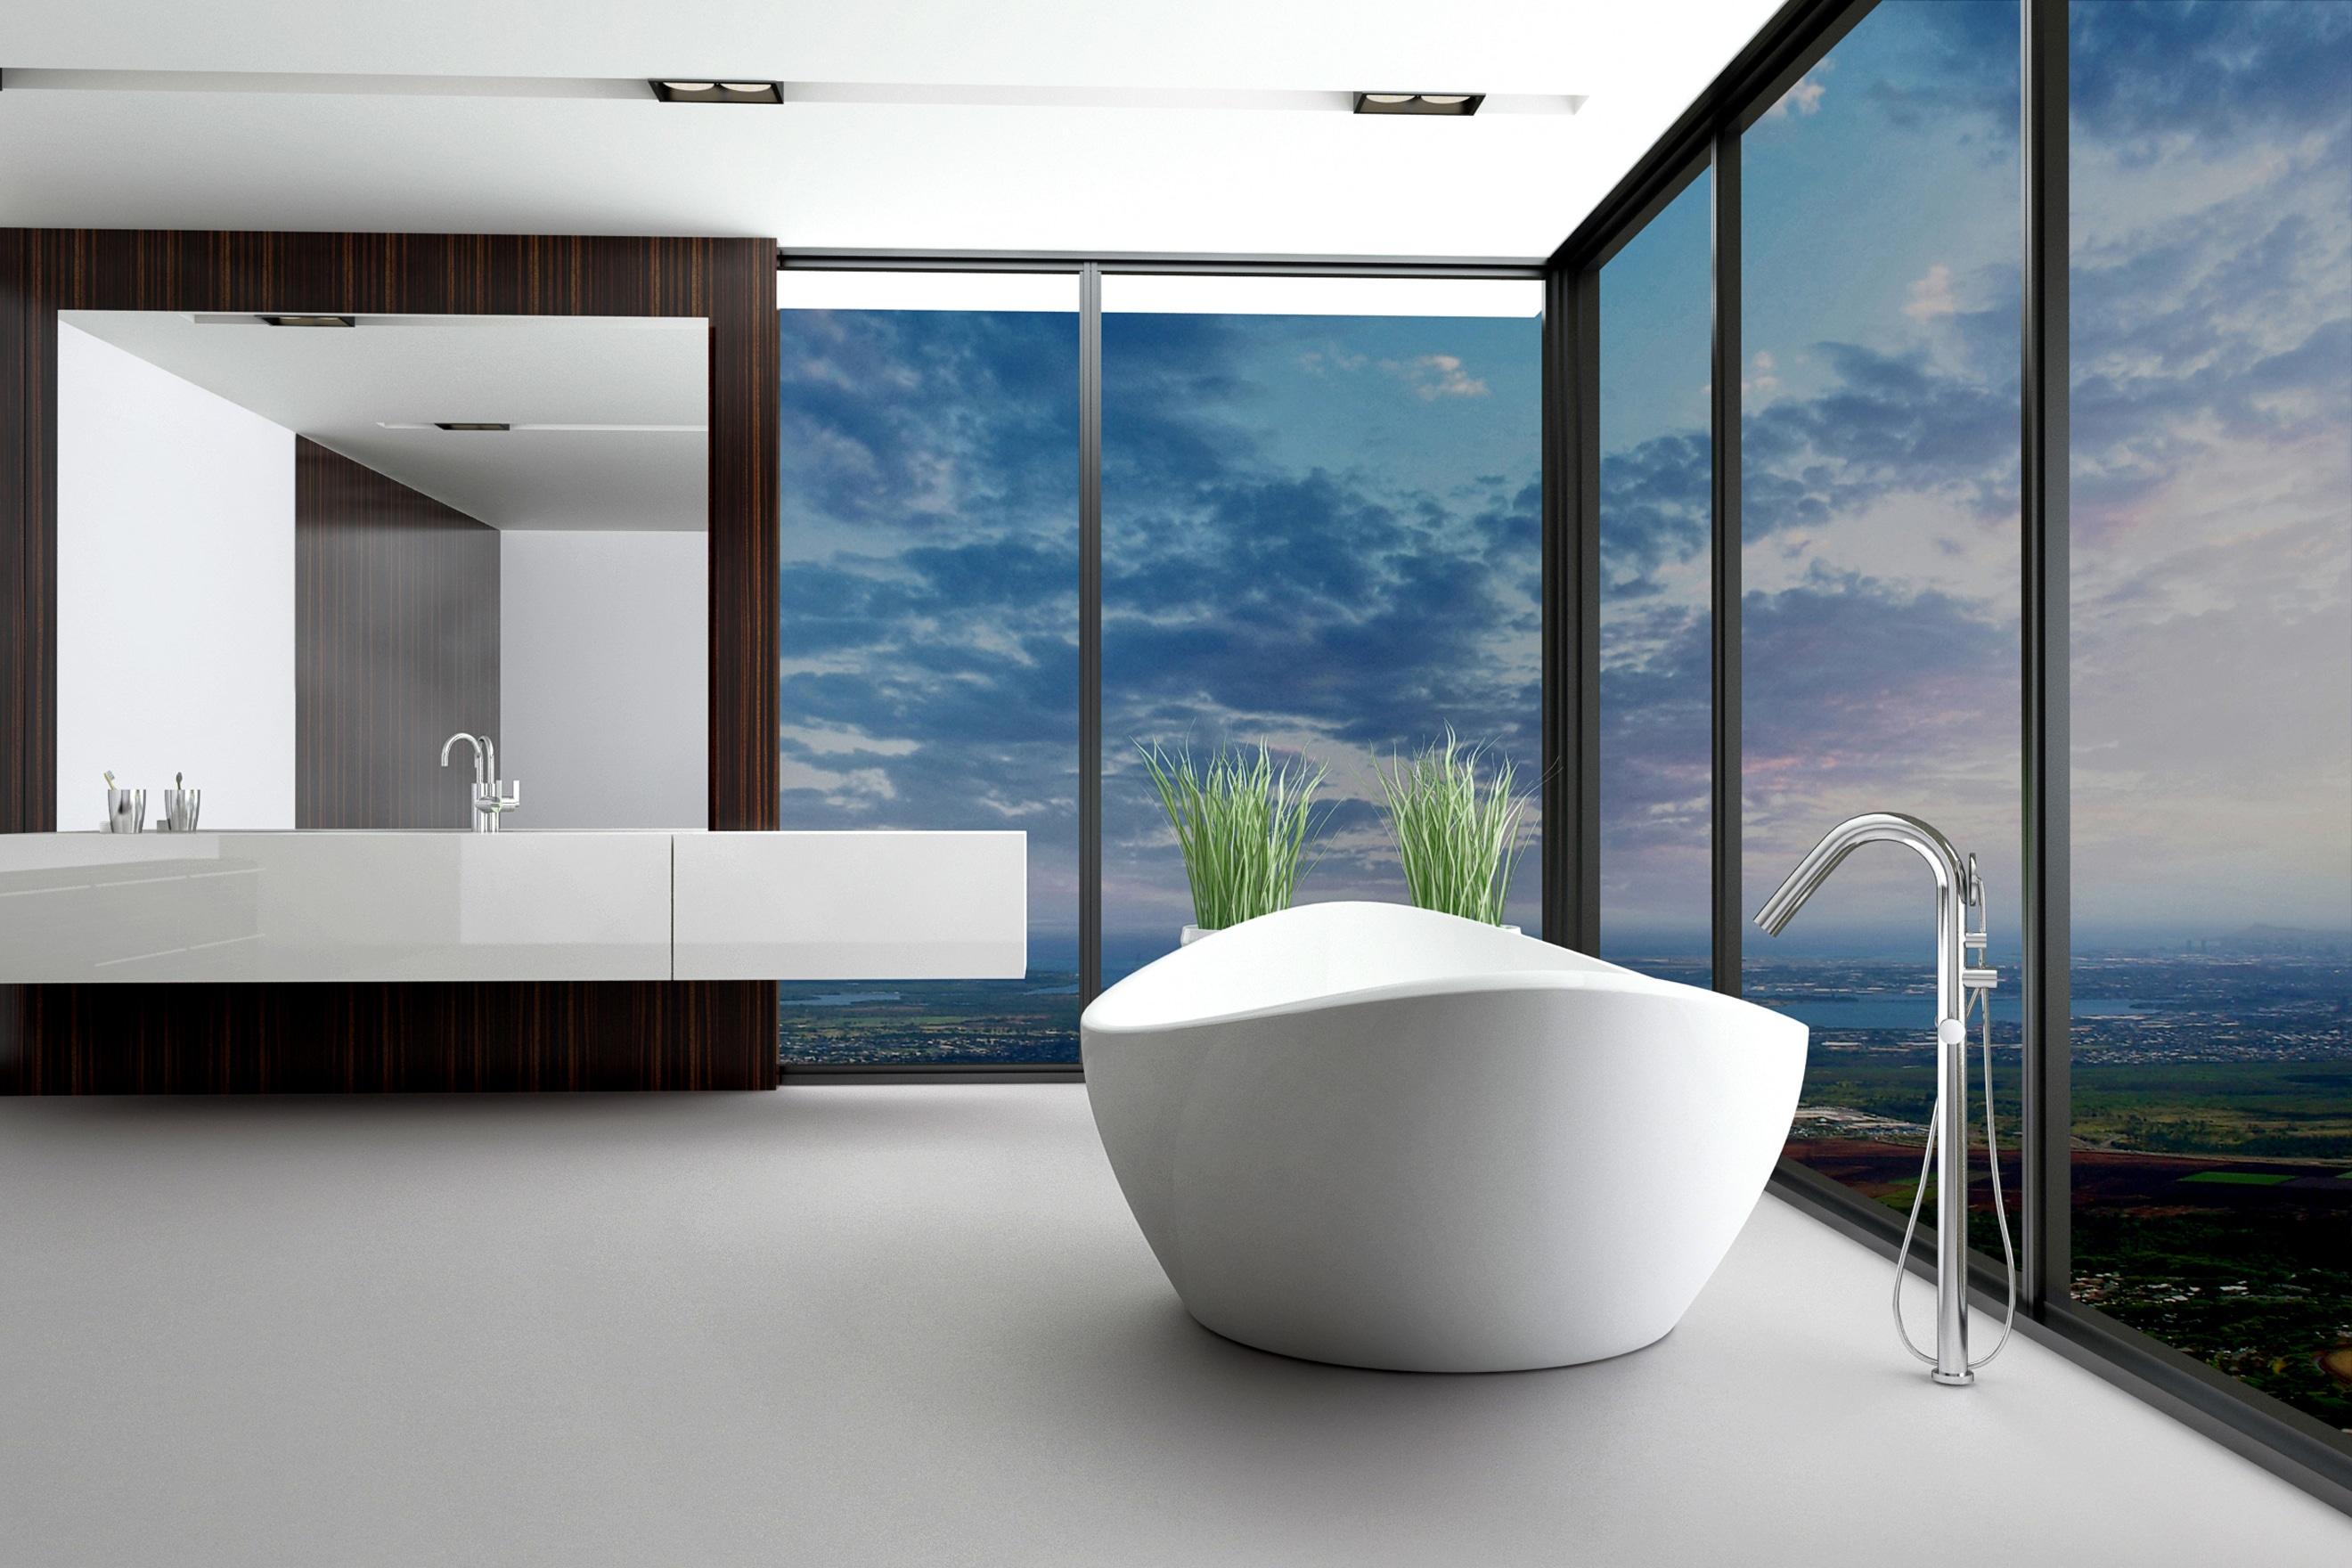 badkamer na renovatie